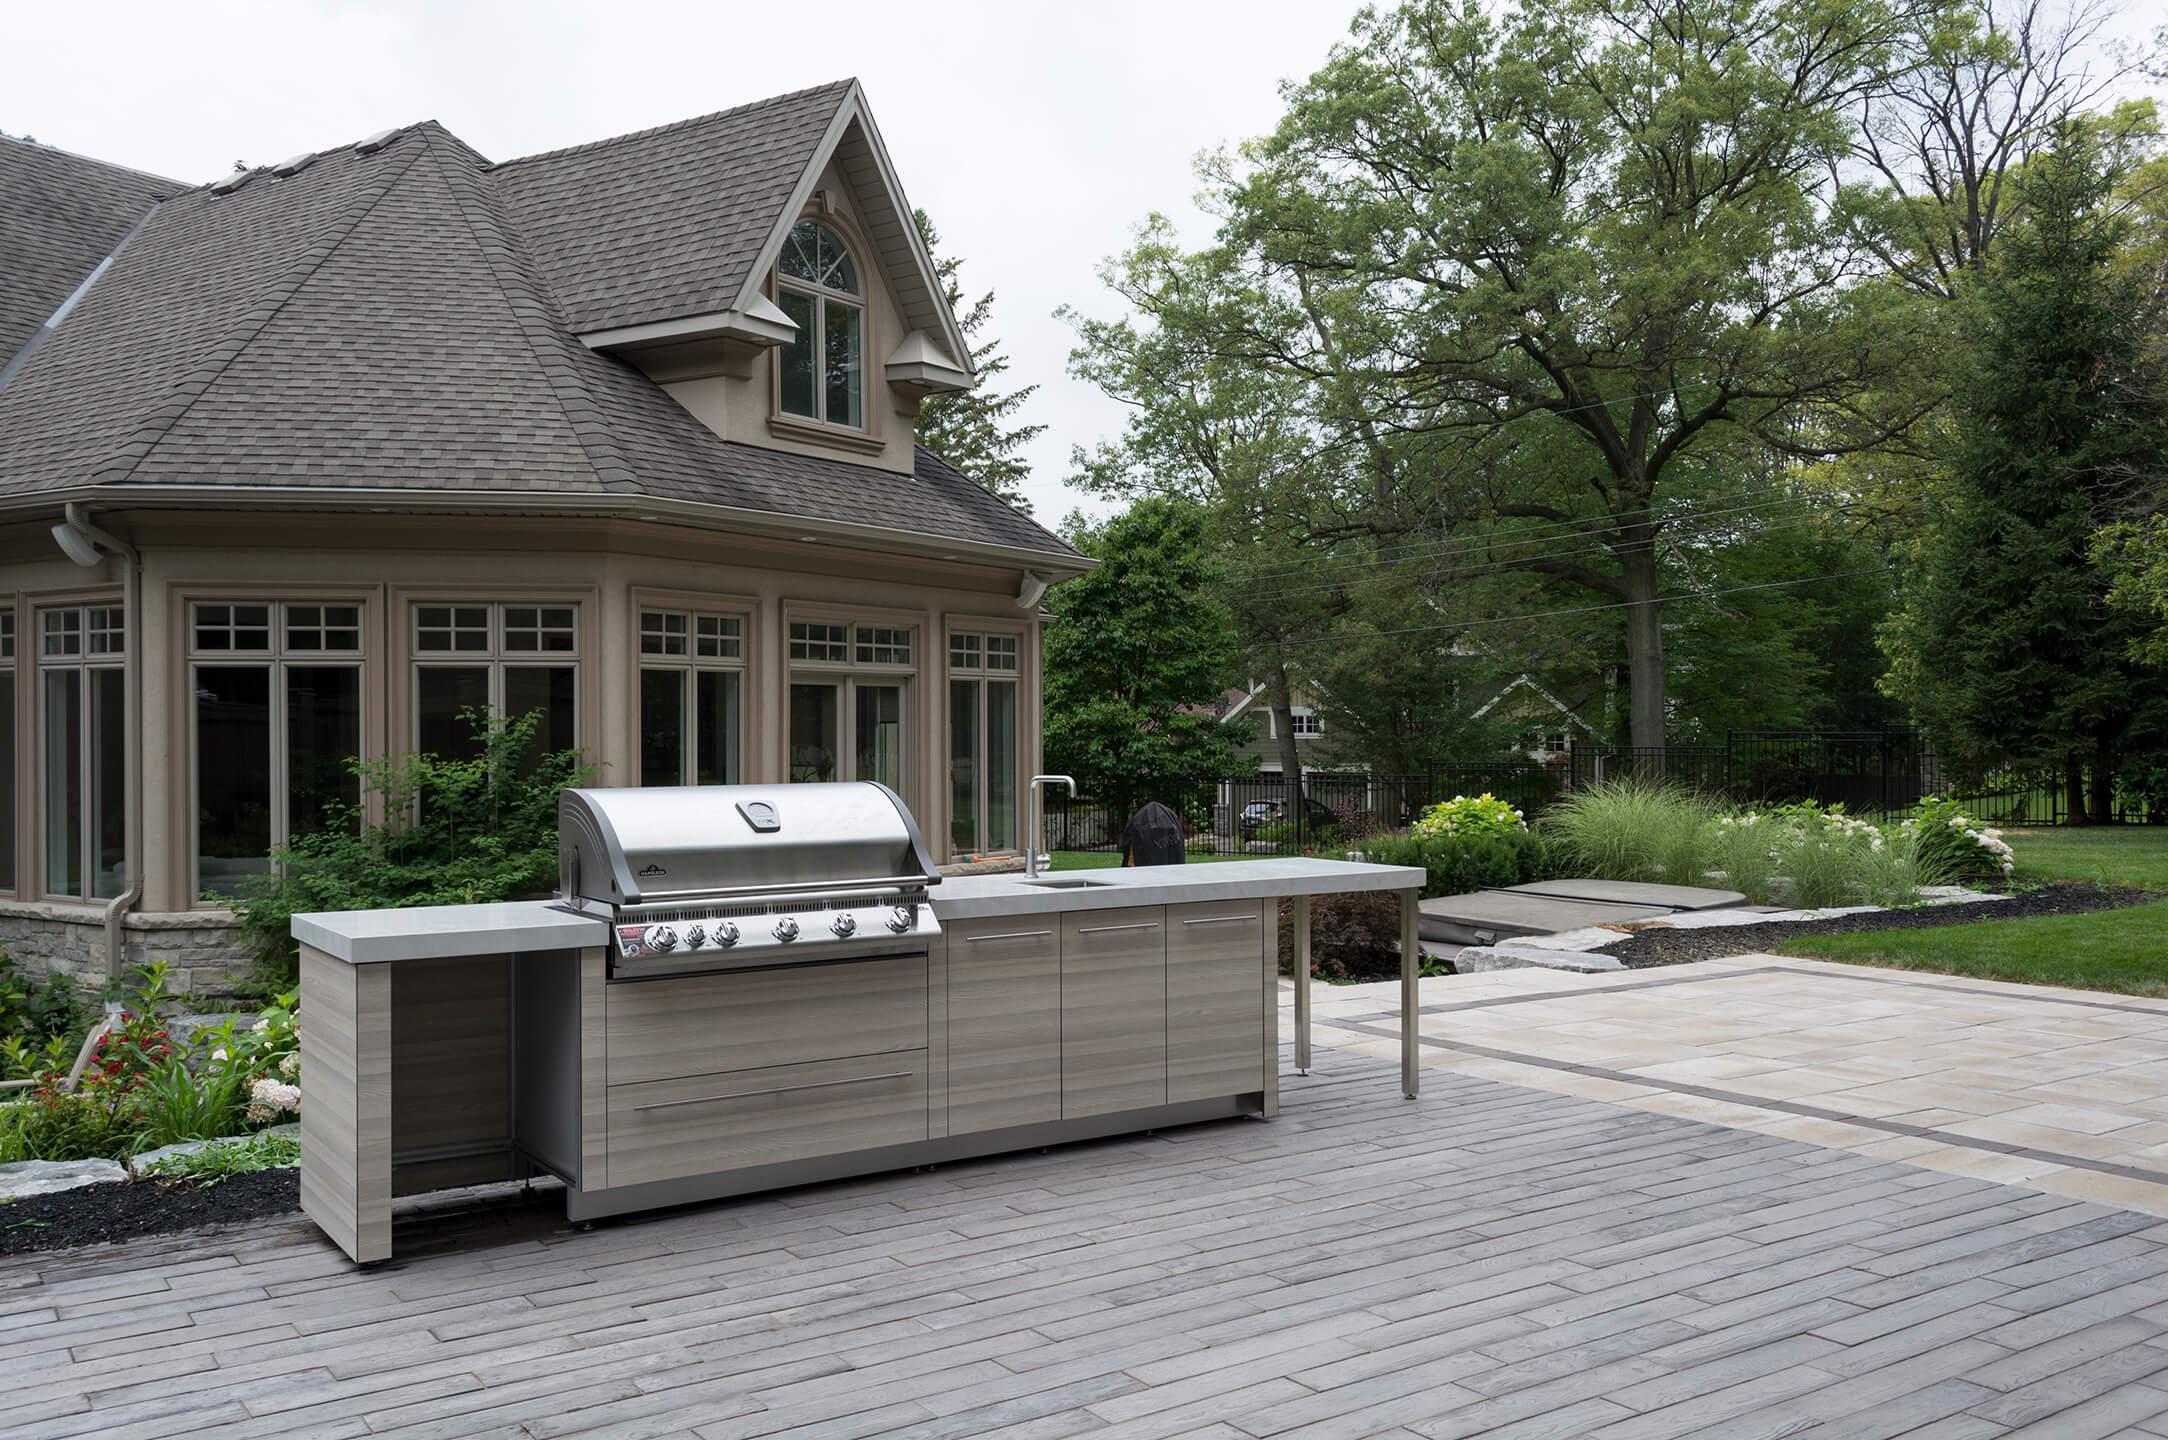 Garden Living Outdoor Kitchens - 11.jpg